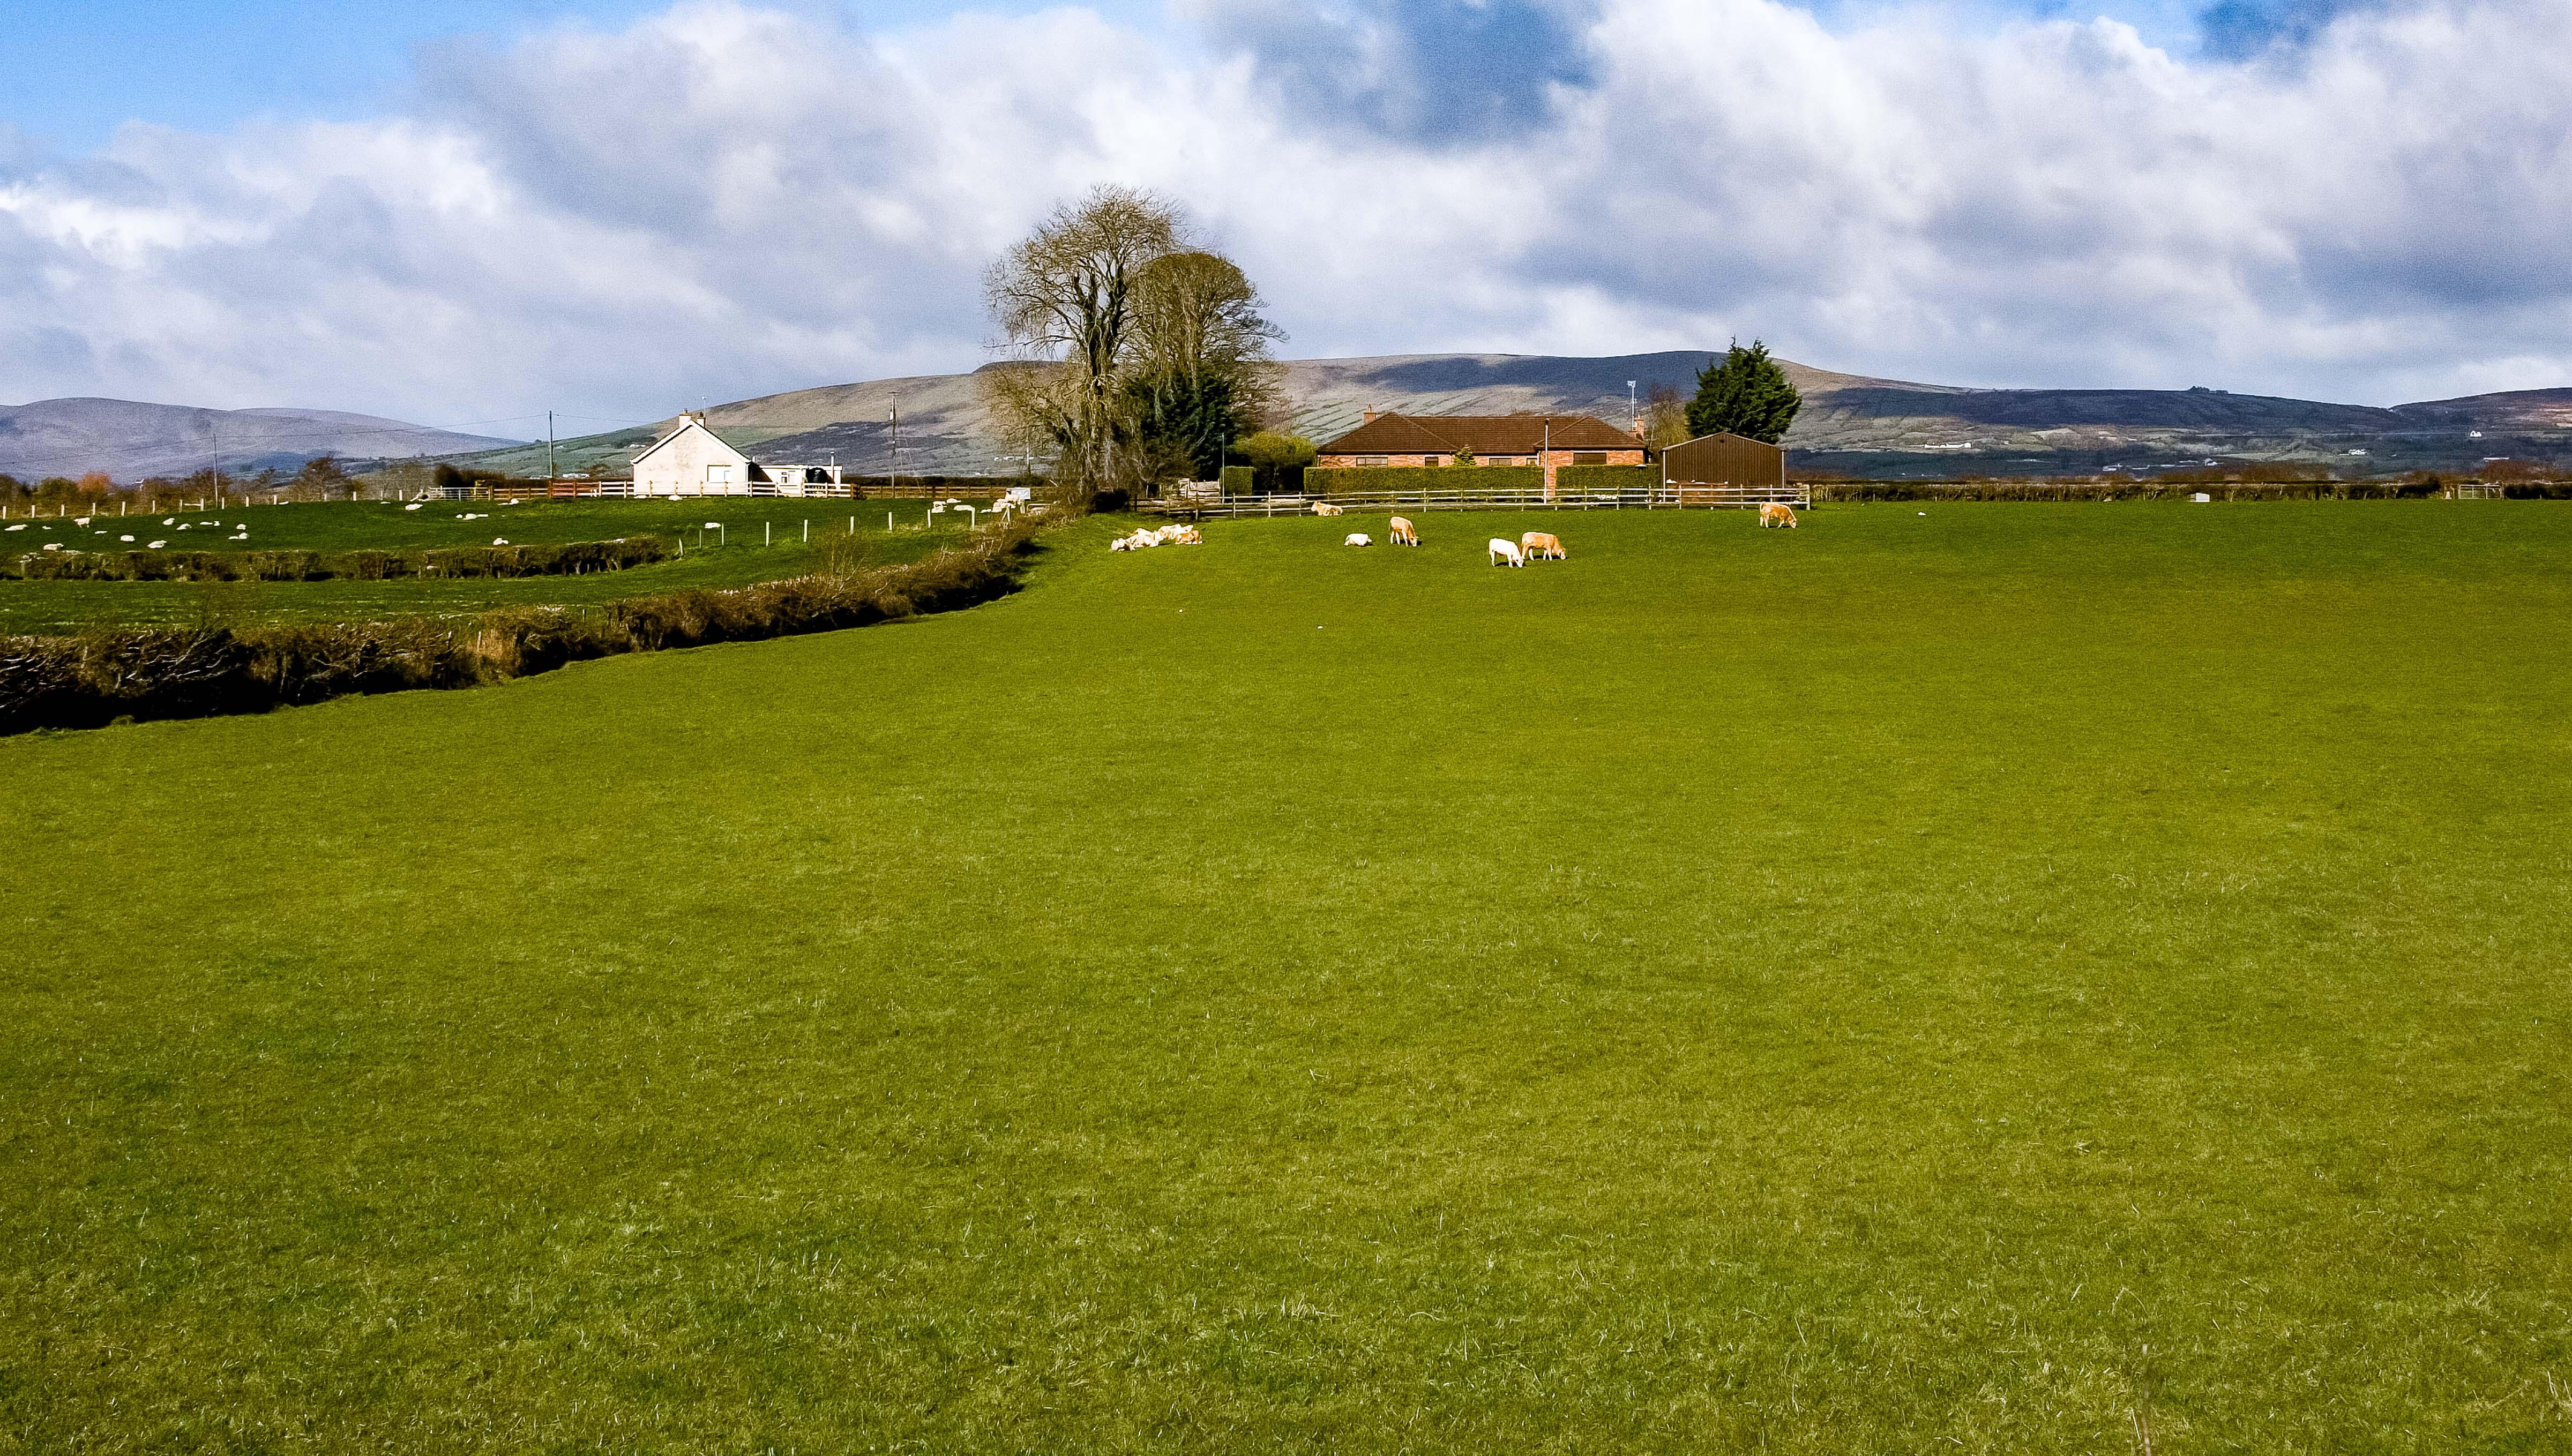 N Ireland, Limavady Prov, Farmstead, 2009, IMG 0194